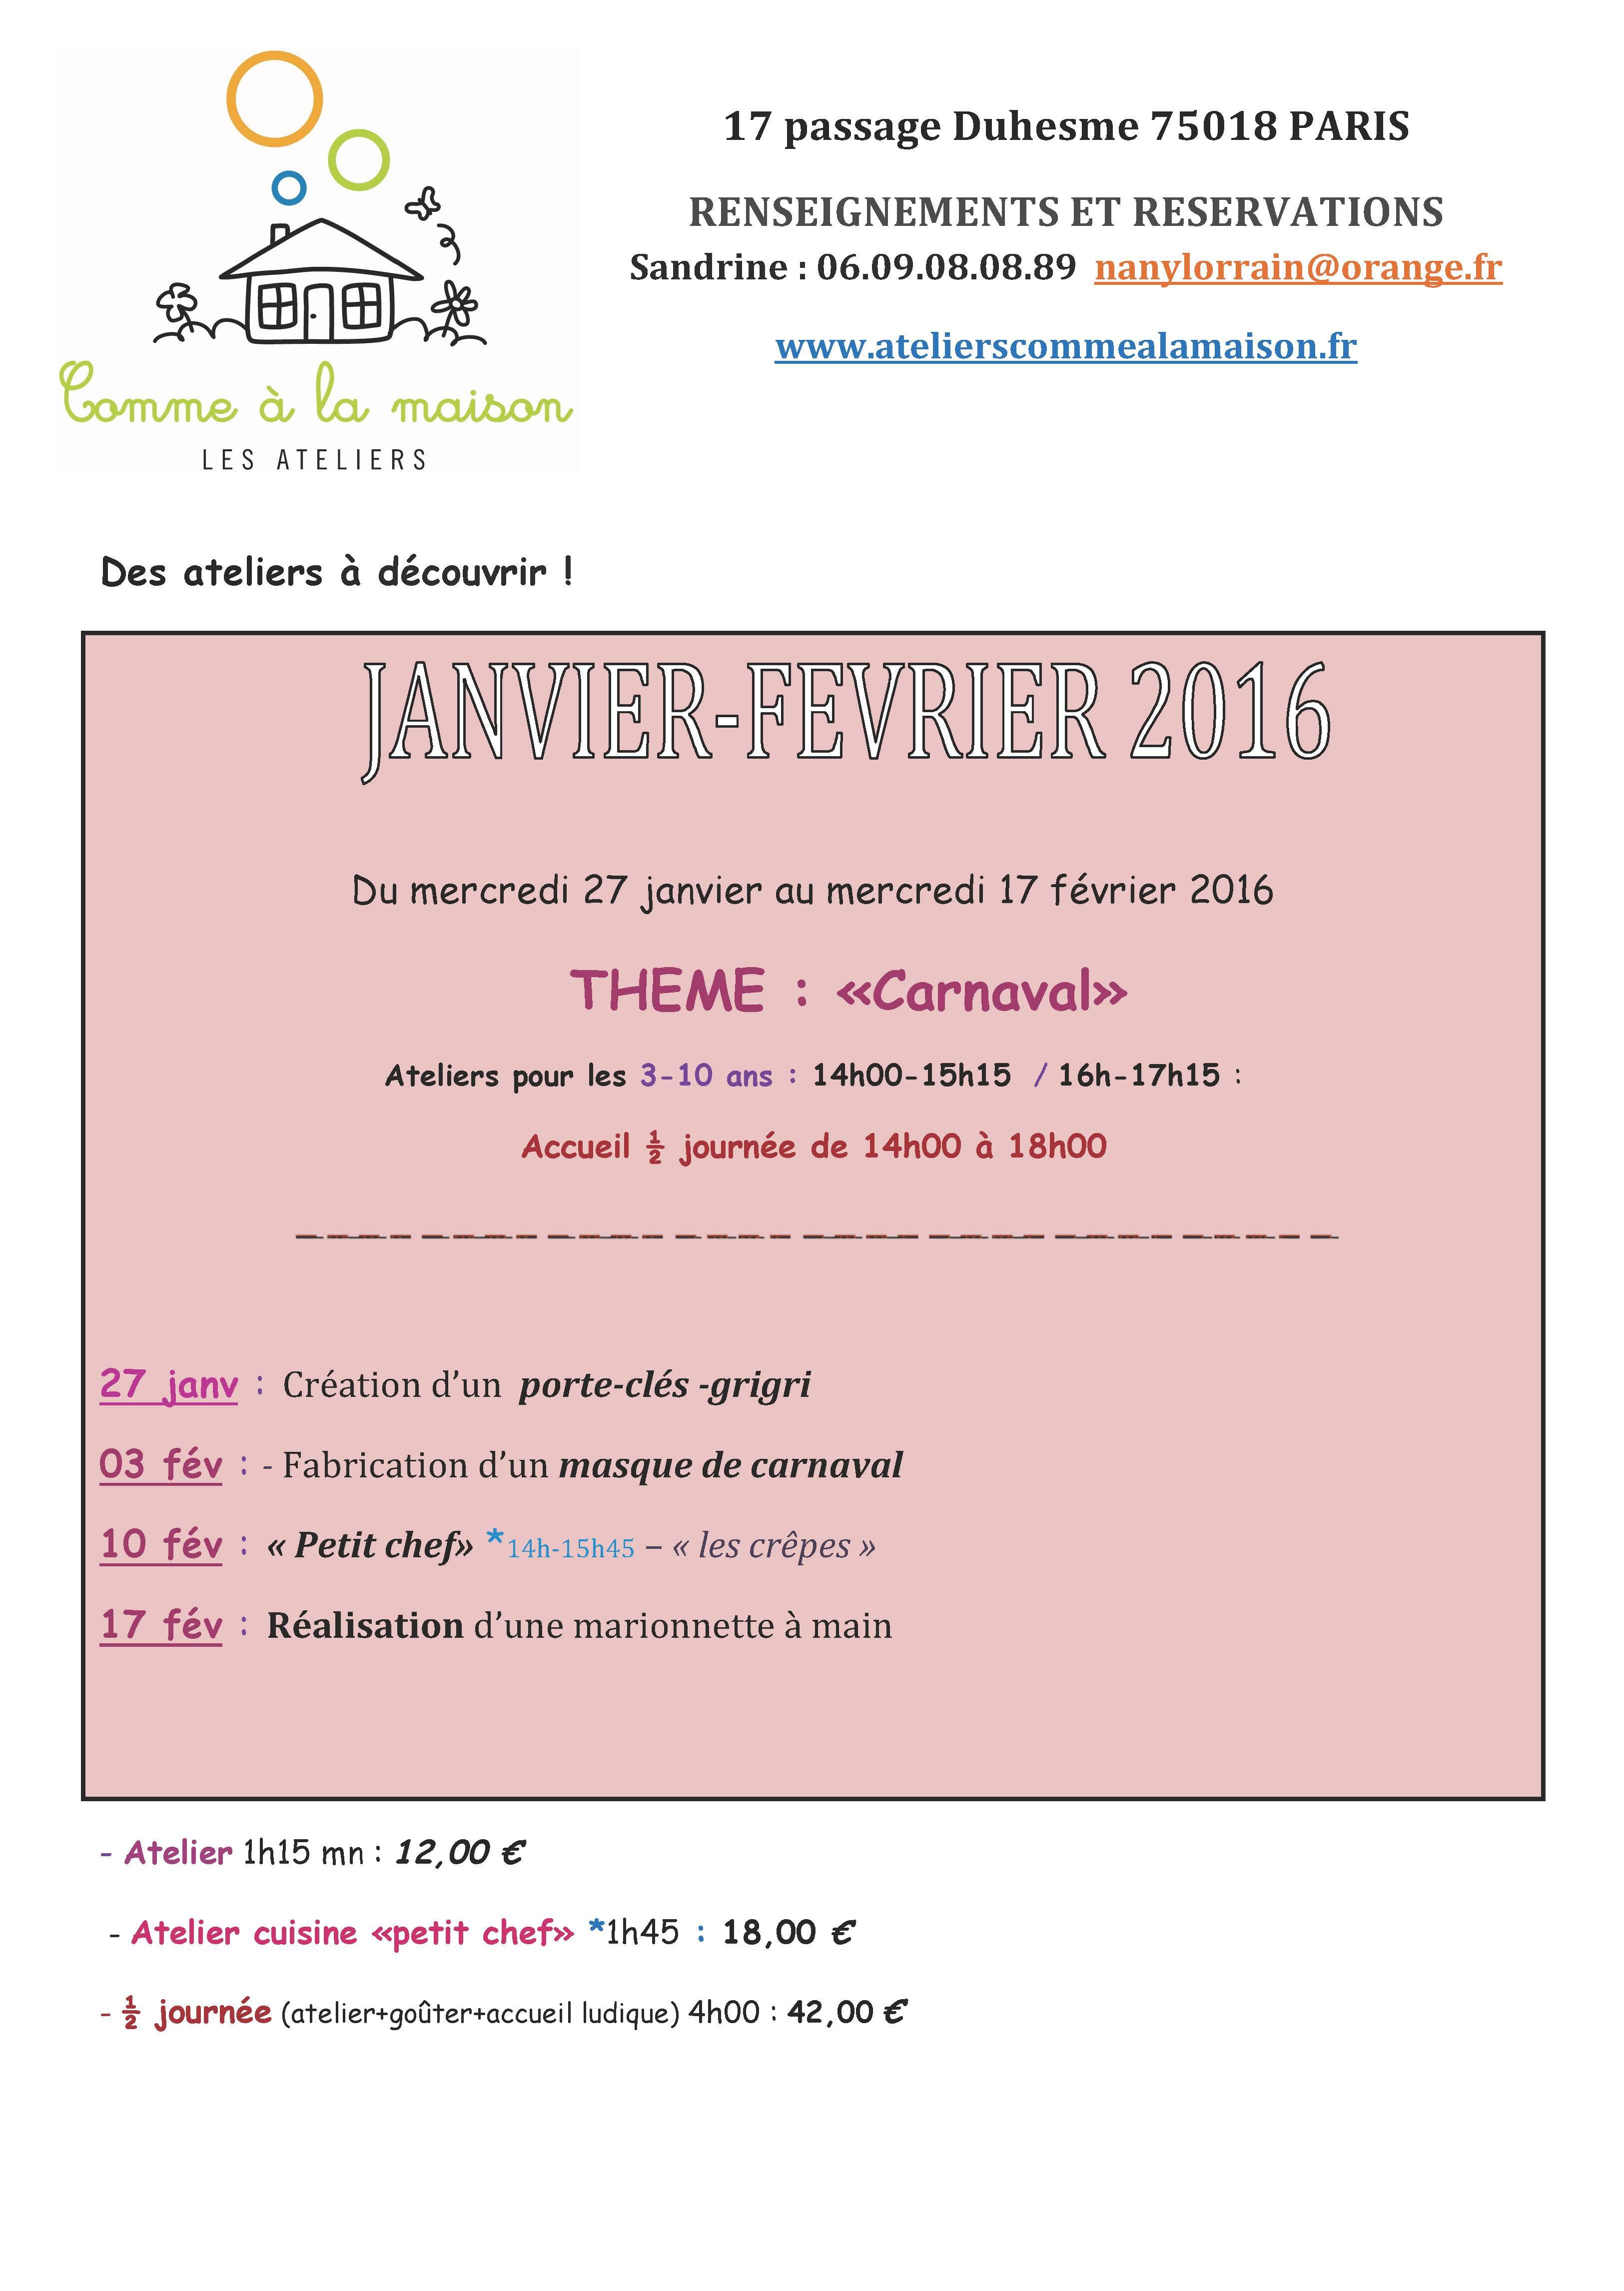 Ateliers janv-février 2016